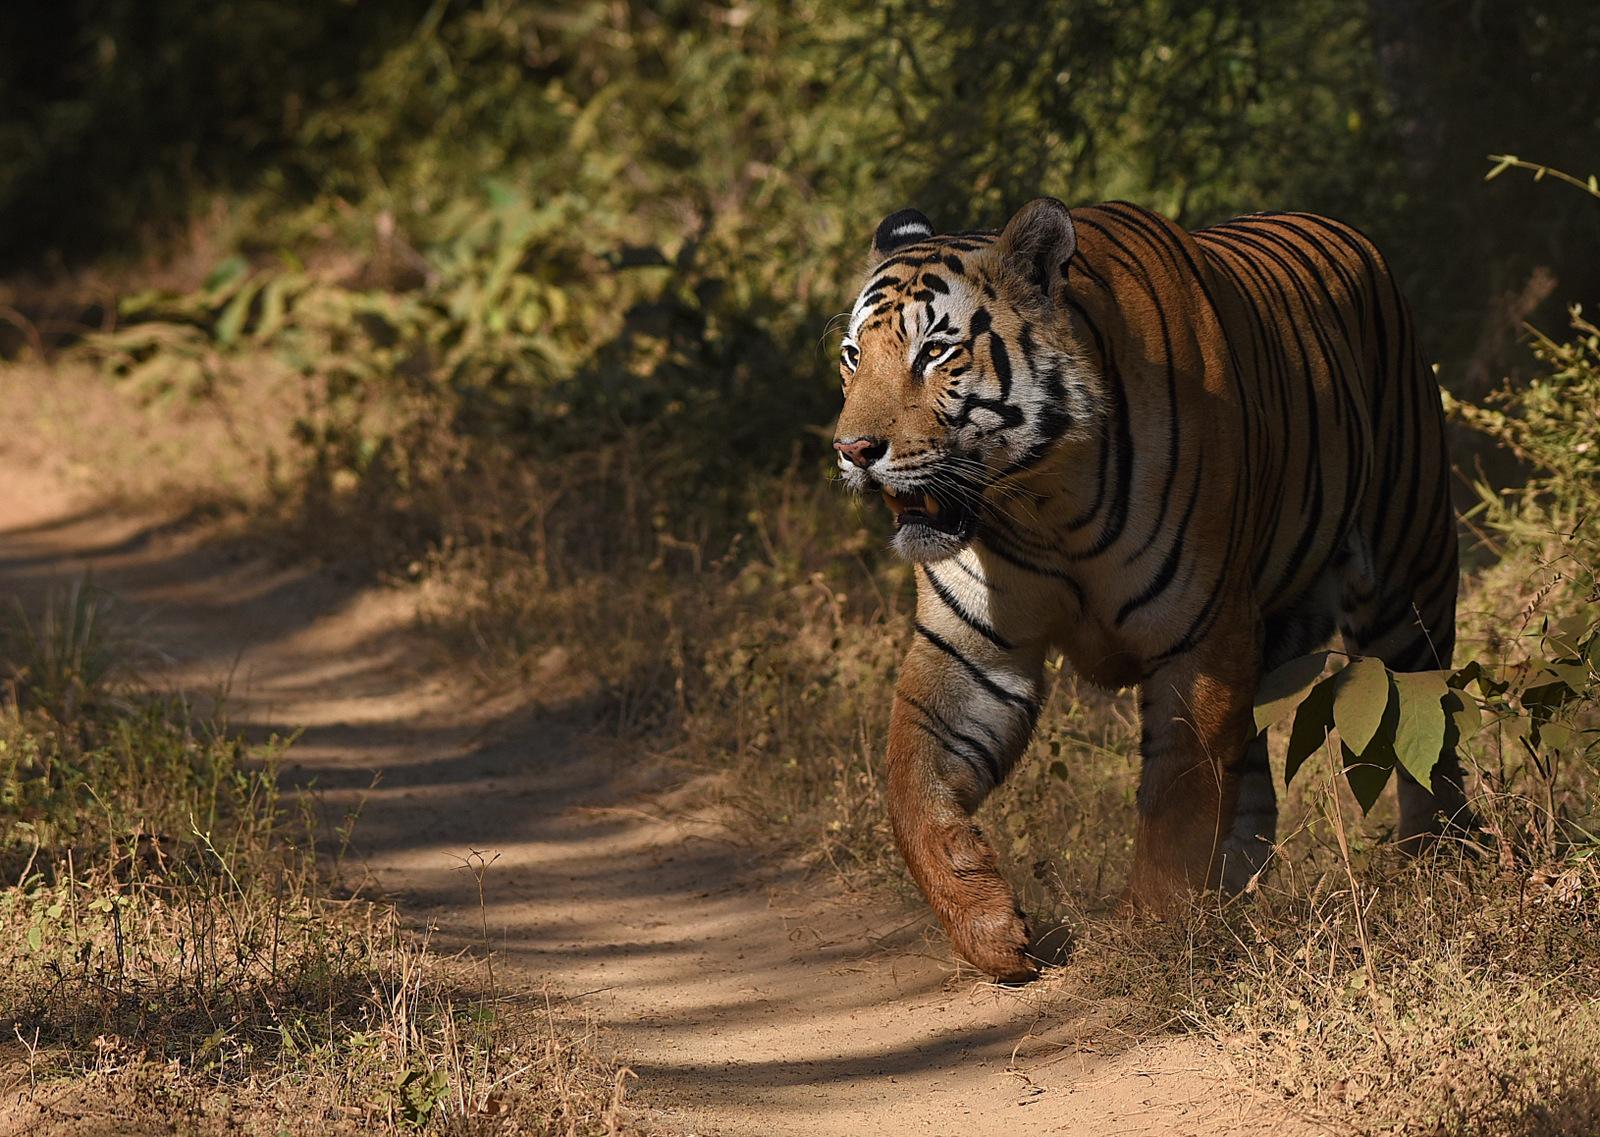 tiger tad 7801 anishandheria uX2PBa.tmp